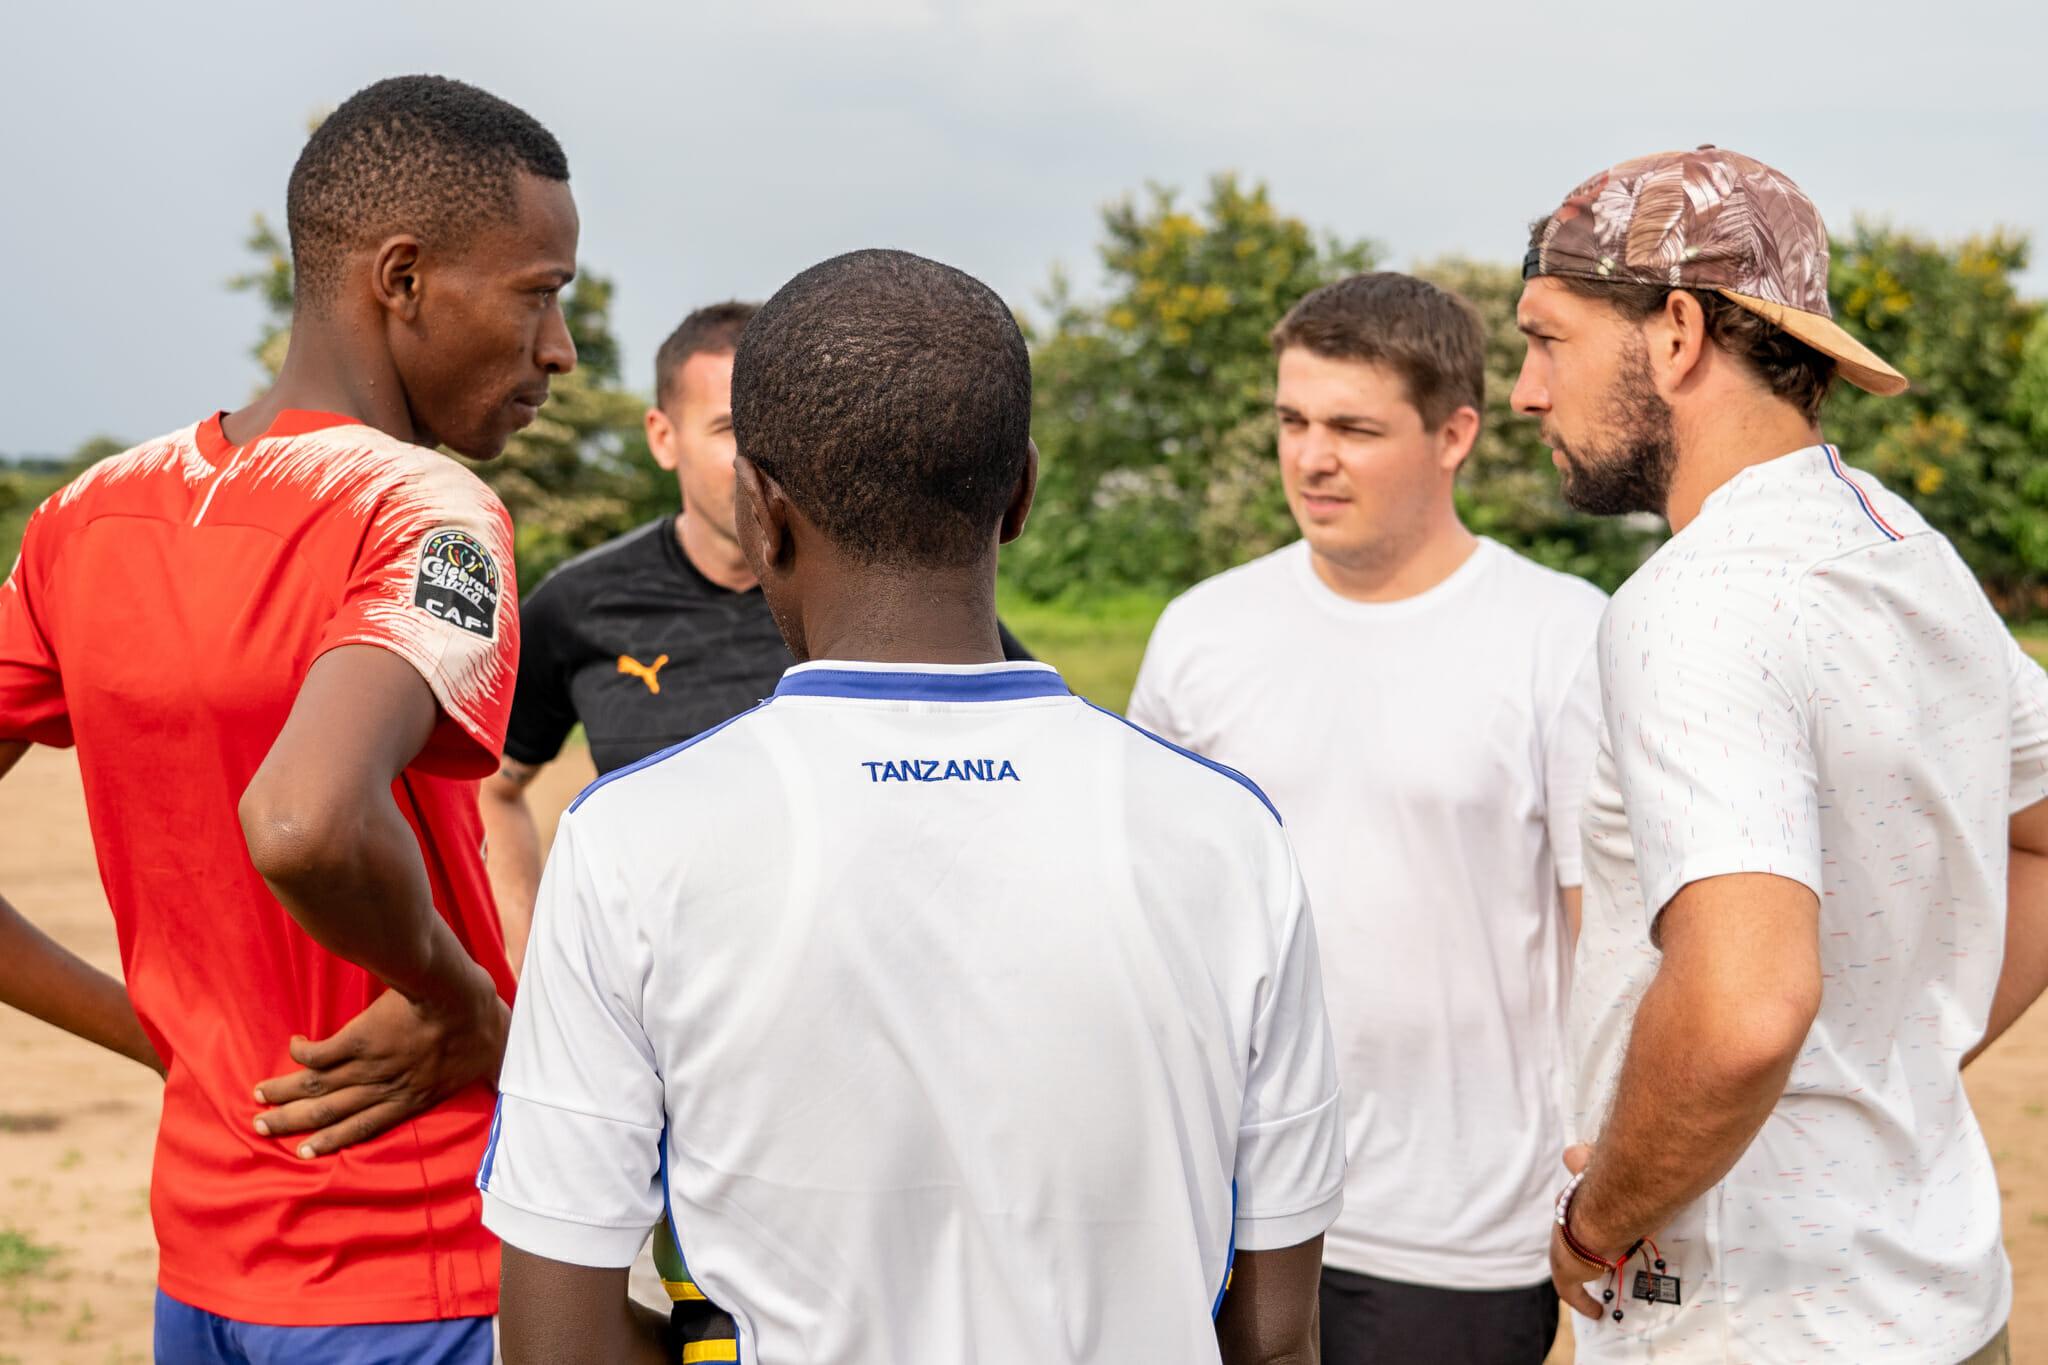 Partie de foot lors de l'immersion dans le village d'Endallah en Tanzanie